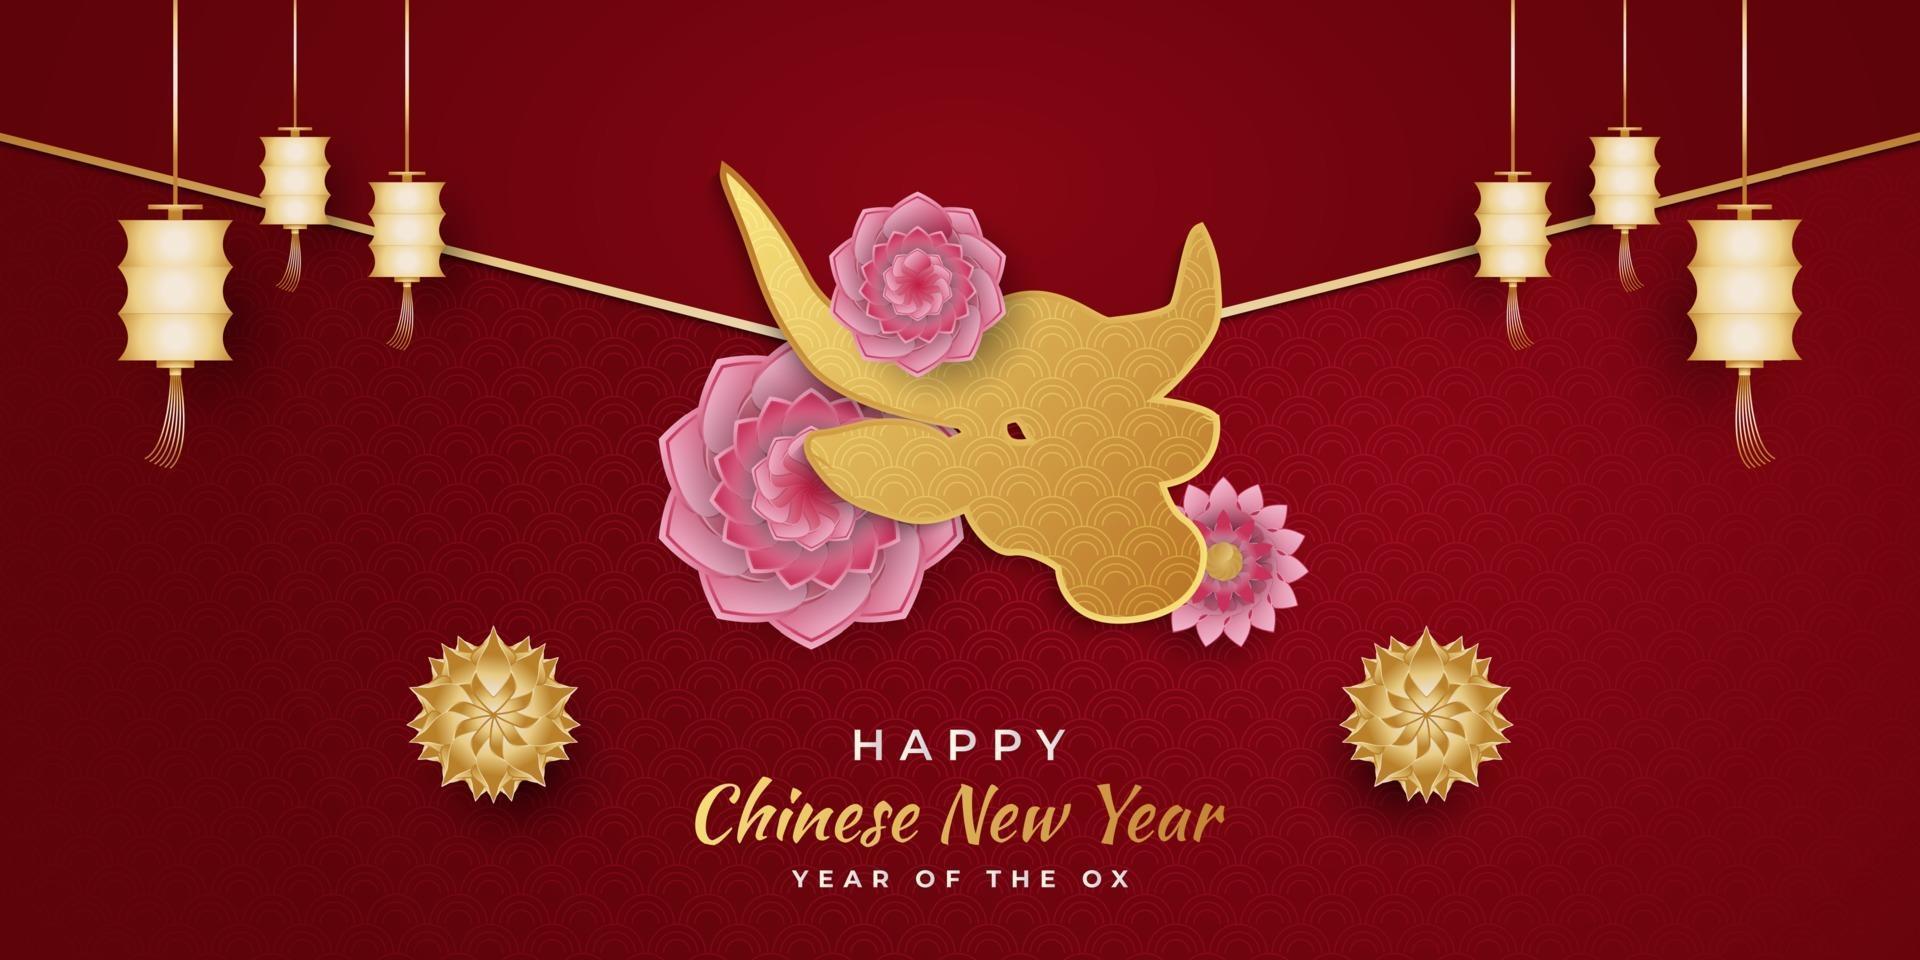 nouvel an chinois 2021 année du bœuf. Bonne année lunaire bannière avec bœuf doré et lanterne et ornements de fleurs colorées sur fond rouge vecteur